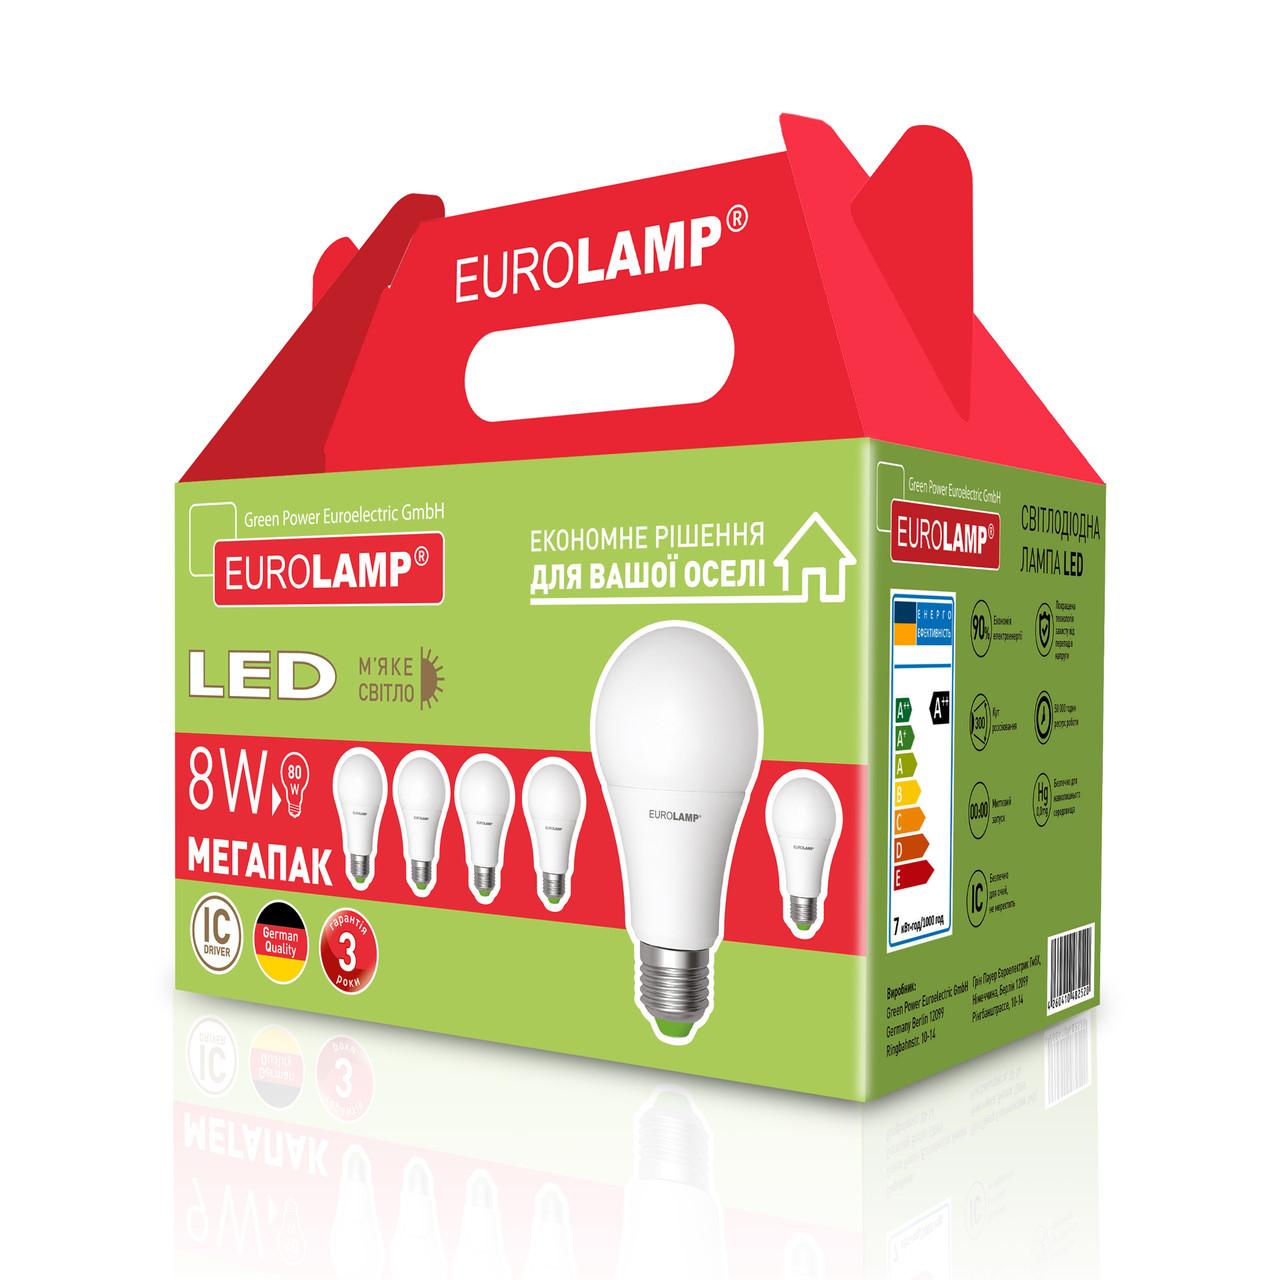 EUROLAMP Промо-набор LED Лампа ЕКО A60 8W E27 3000K акция 6in1